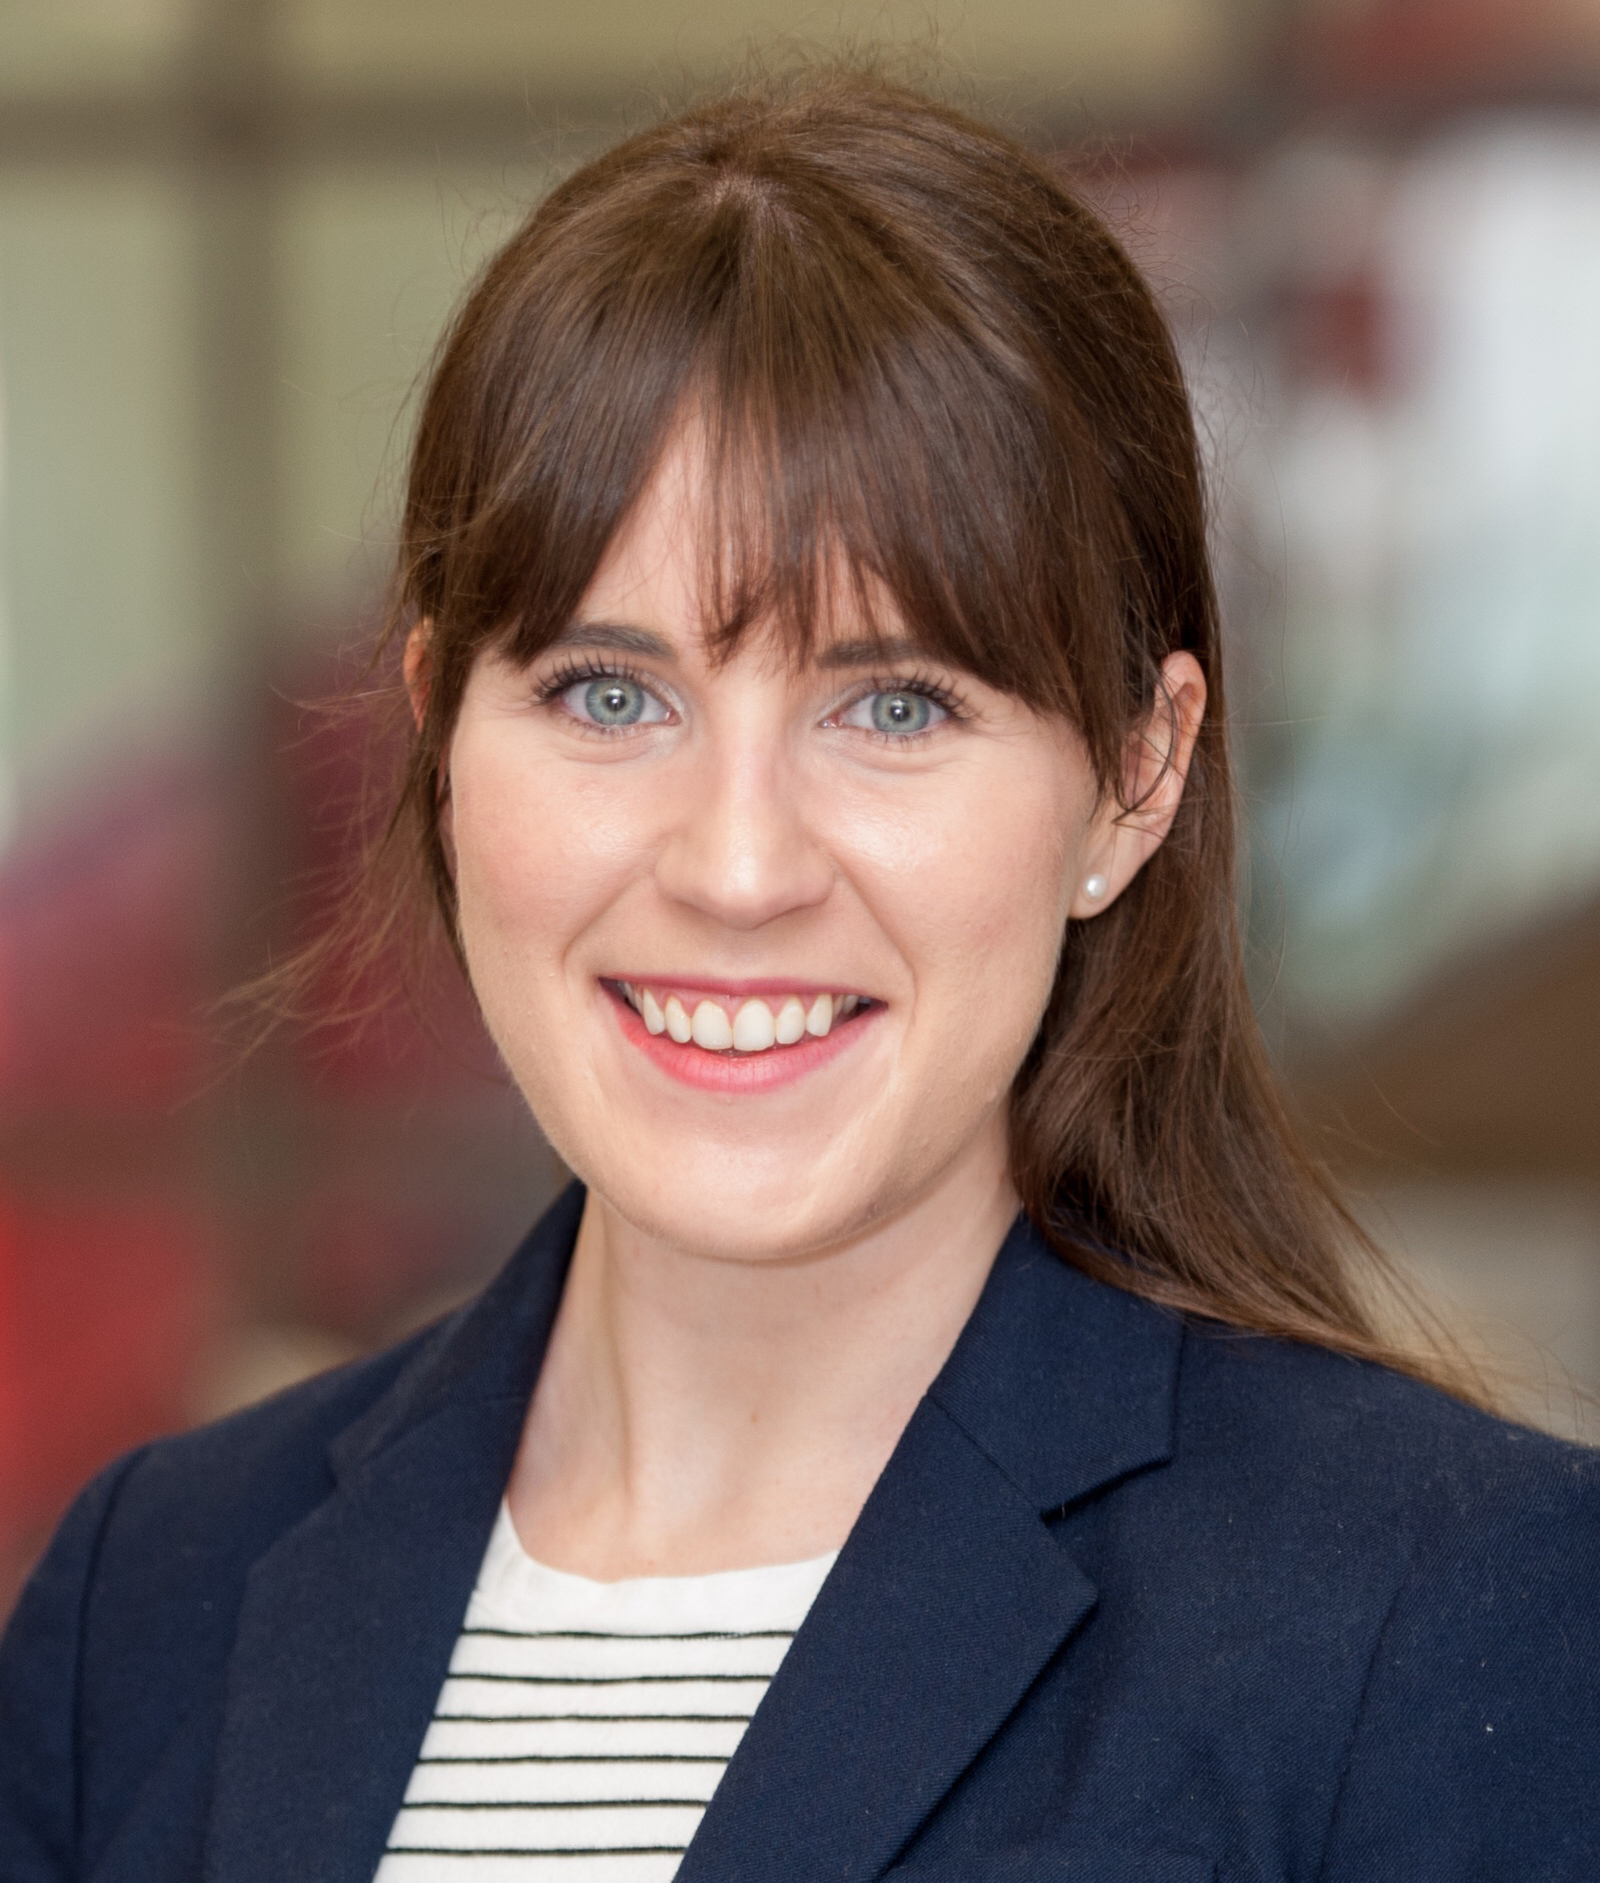 Emily Van Duyn